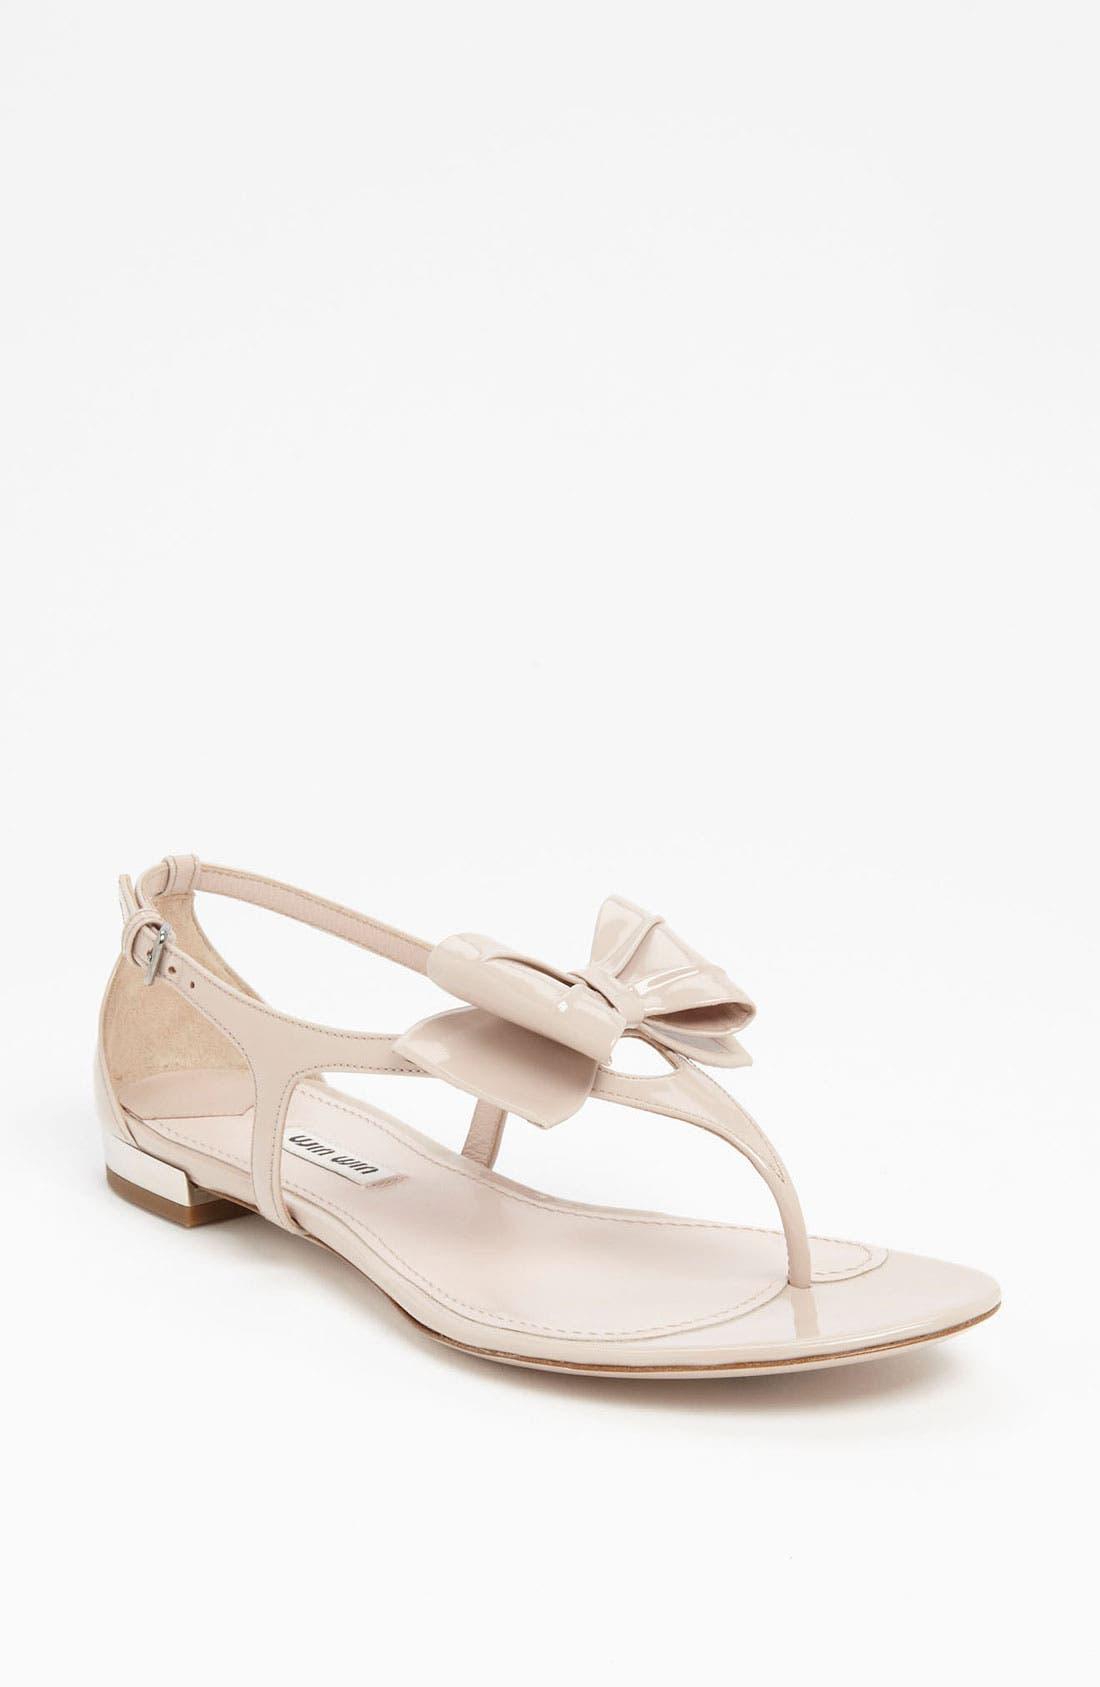 Alternate Image 1 Selected - Miu Miu T-Strap Bow Sandal